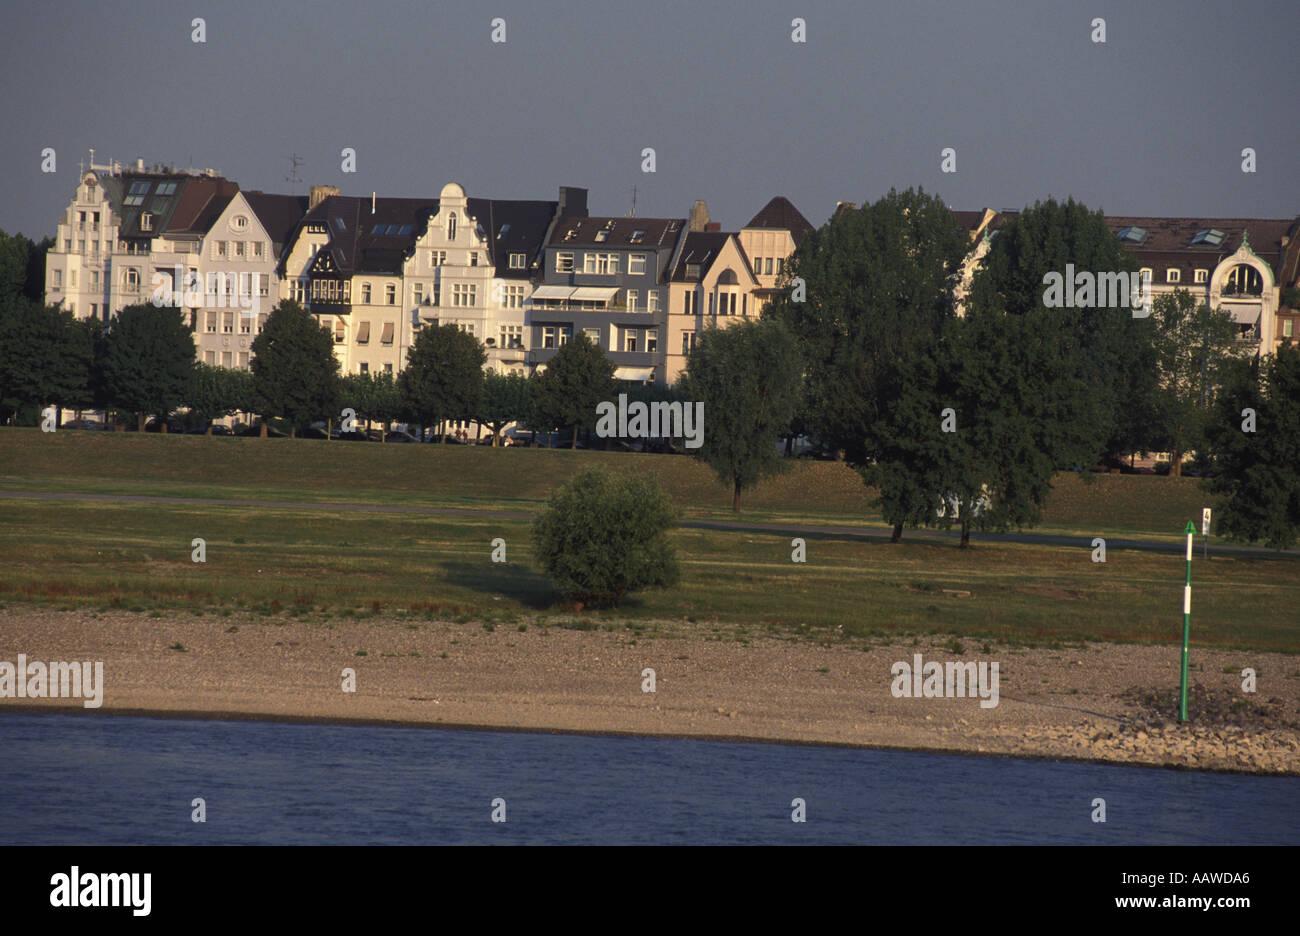 Oberkassel, Rhein, Düsseldorf, Deutschland Stockfoto, Bild: 2366885 ...